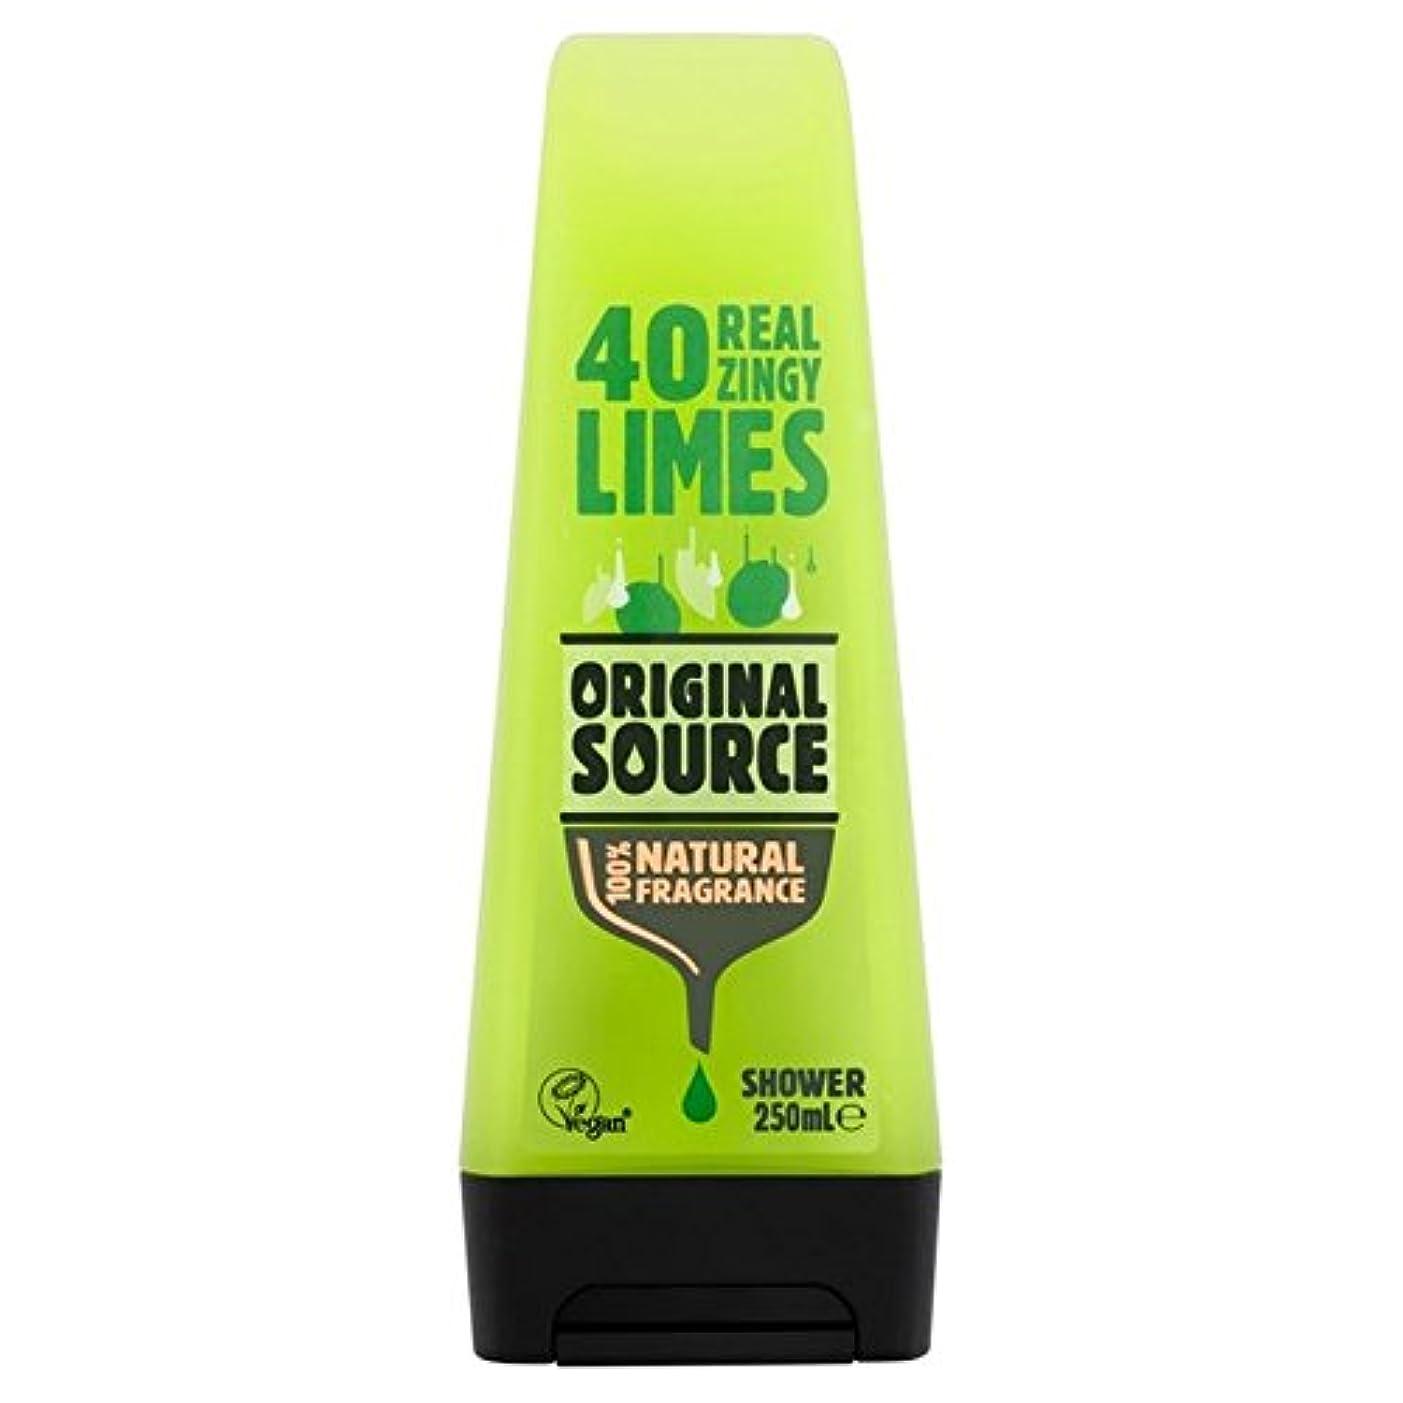 支配する穀物ビリー元のソースライムシャワージェル250ミリリットル x4 - Original Source Lime Shower Gel 250ml (Pack of 4) [並行輸入品]